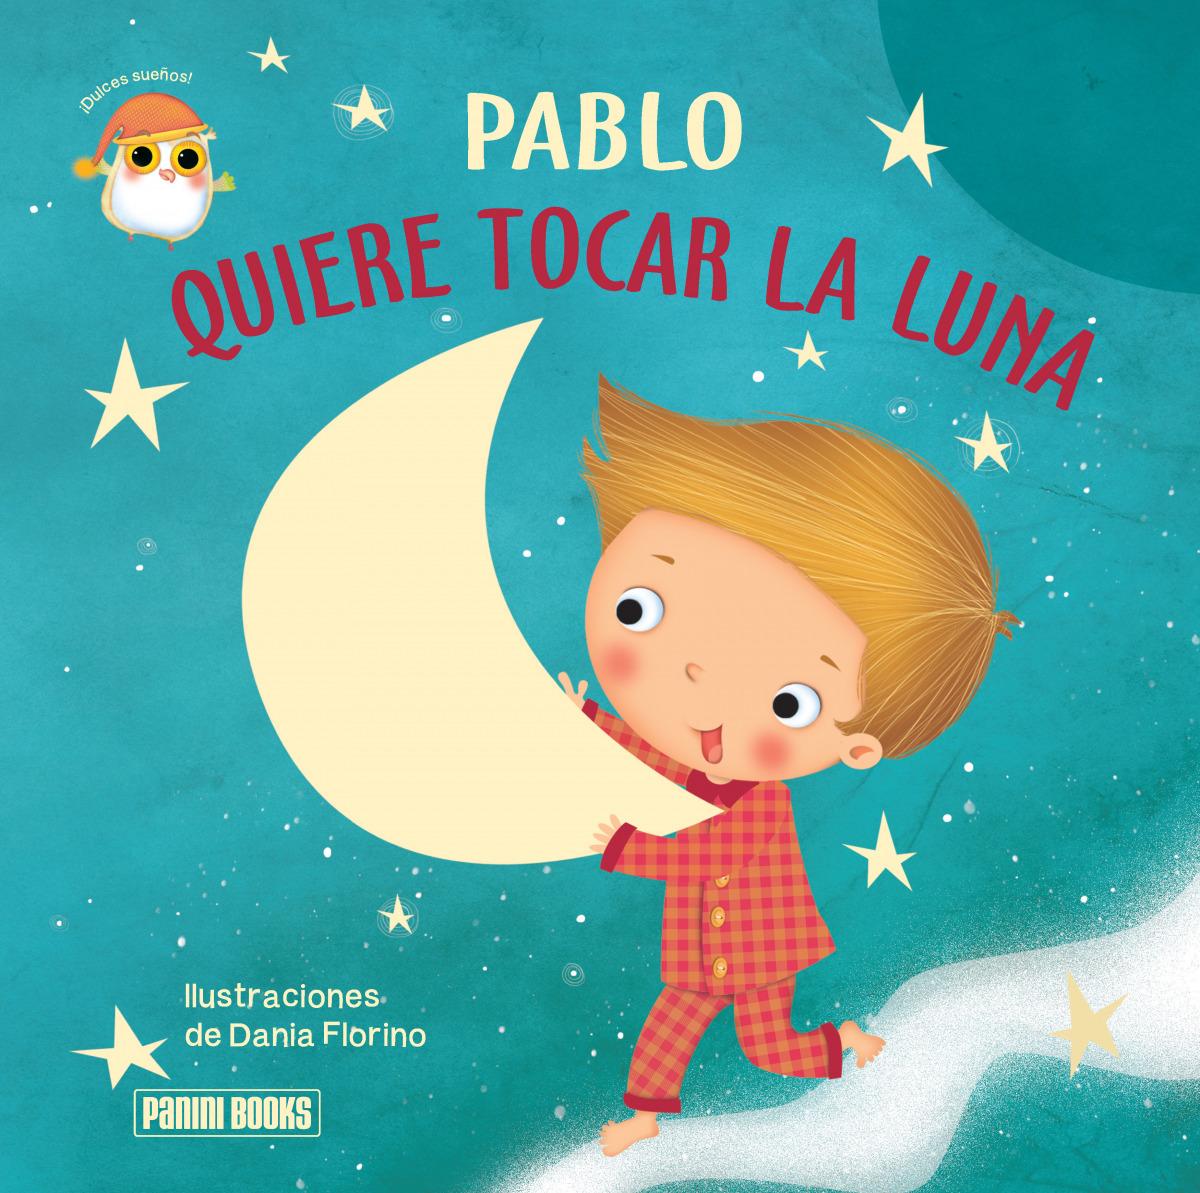 Pablo quiere tocar la luna